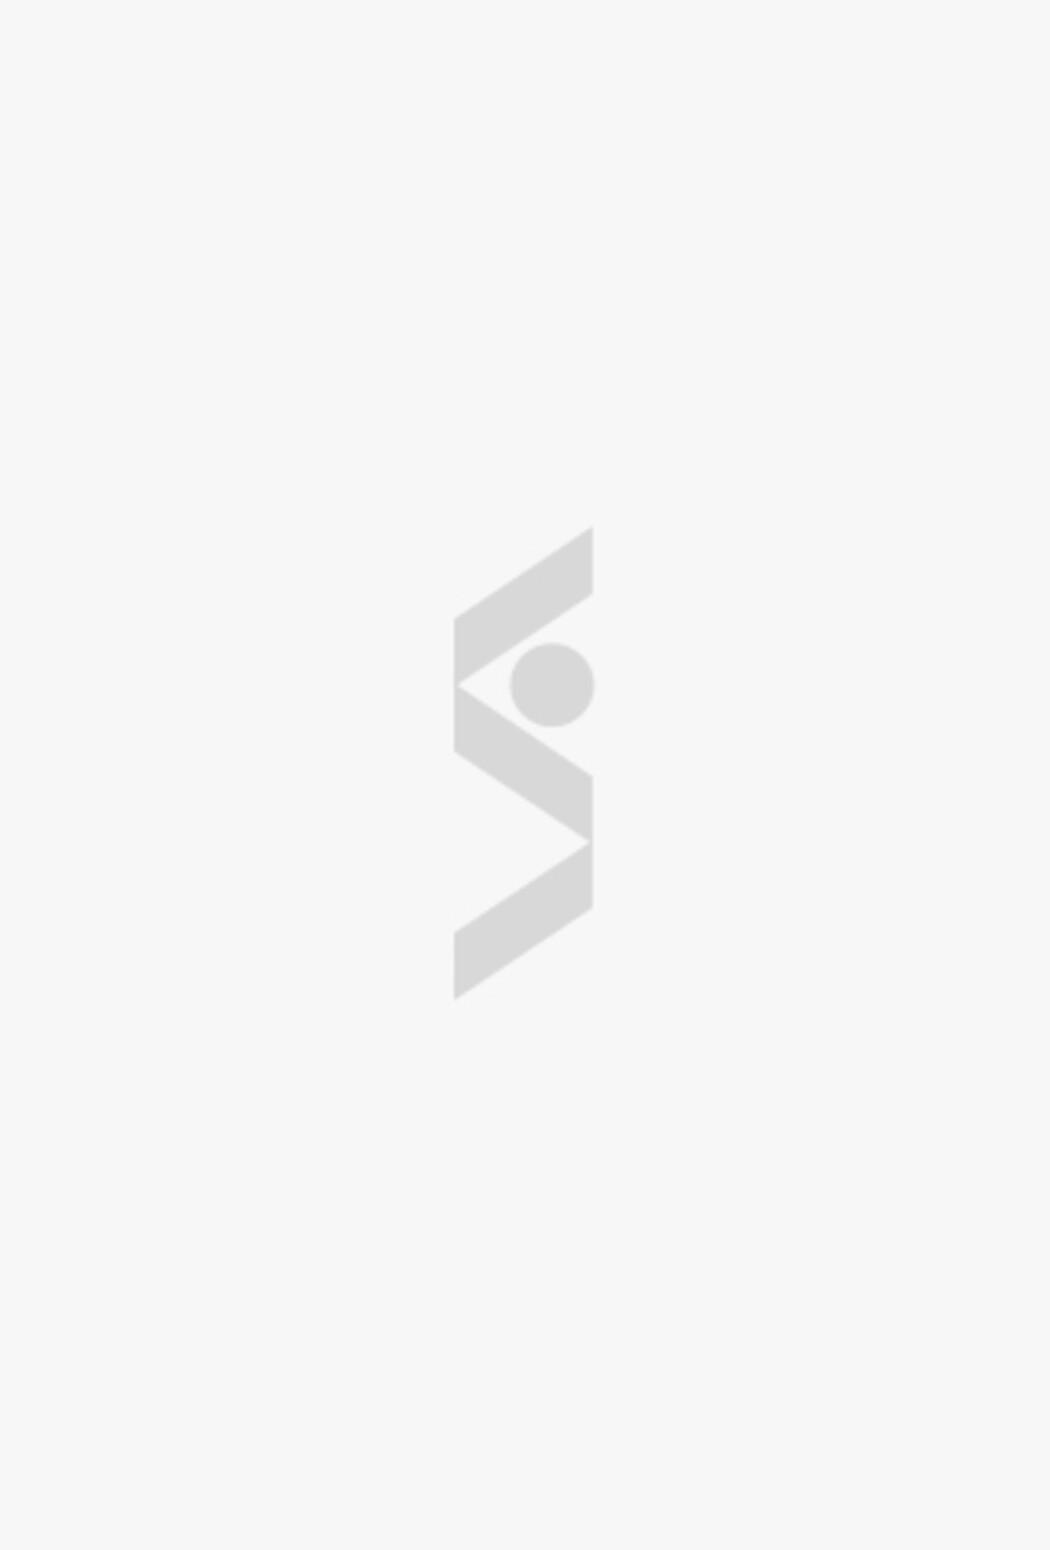 Кожаные кроссовки Ever be - скоро в продаже в интернет-магазине СТОКМАНН в Москве BAFC85AF-910D-4DEB-A33F-6FEB126D97E3